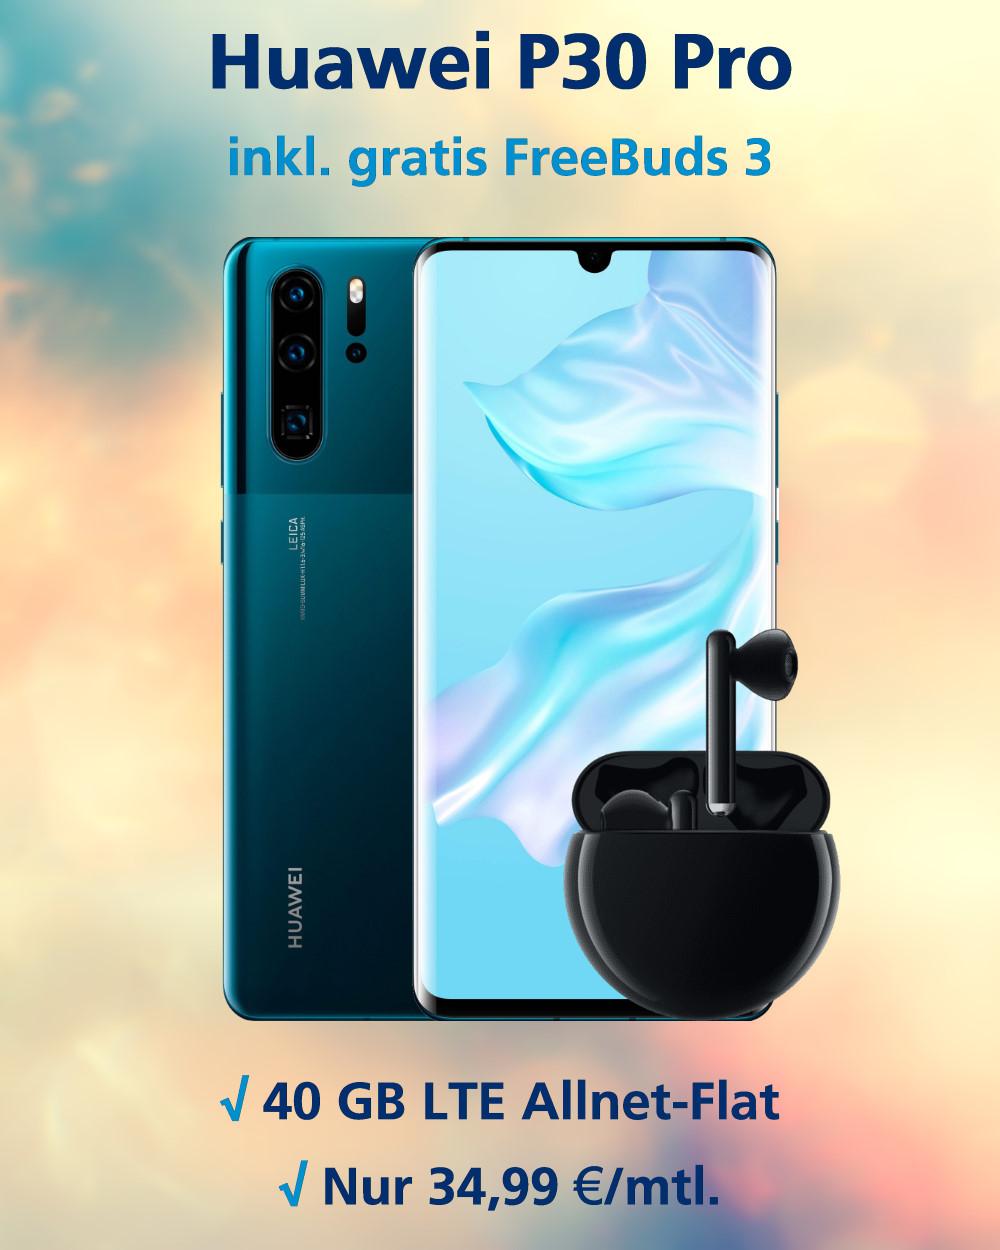 Huawei P30 Pro inkl. FreeBuds 3 und 40 GB LTE zum absoluten Bestpreis Handy-Tarifvergleich